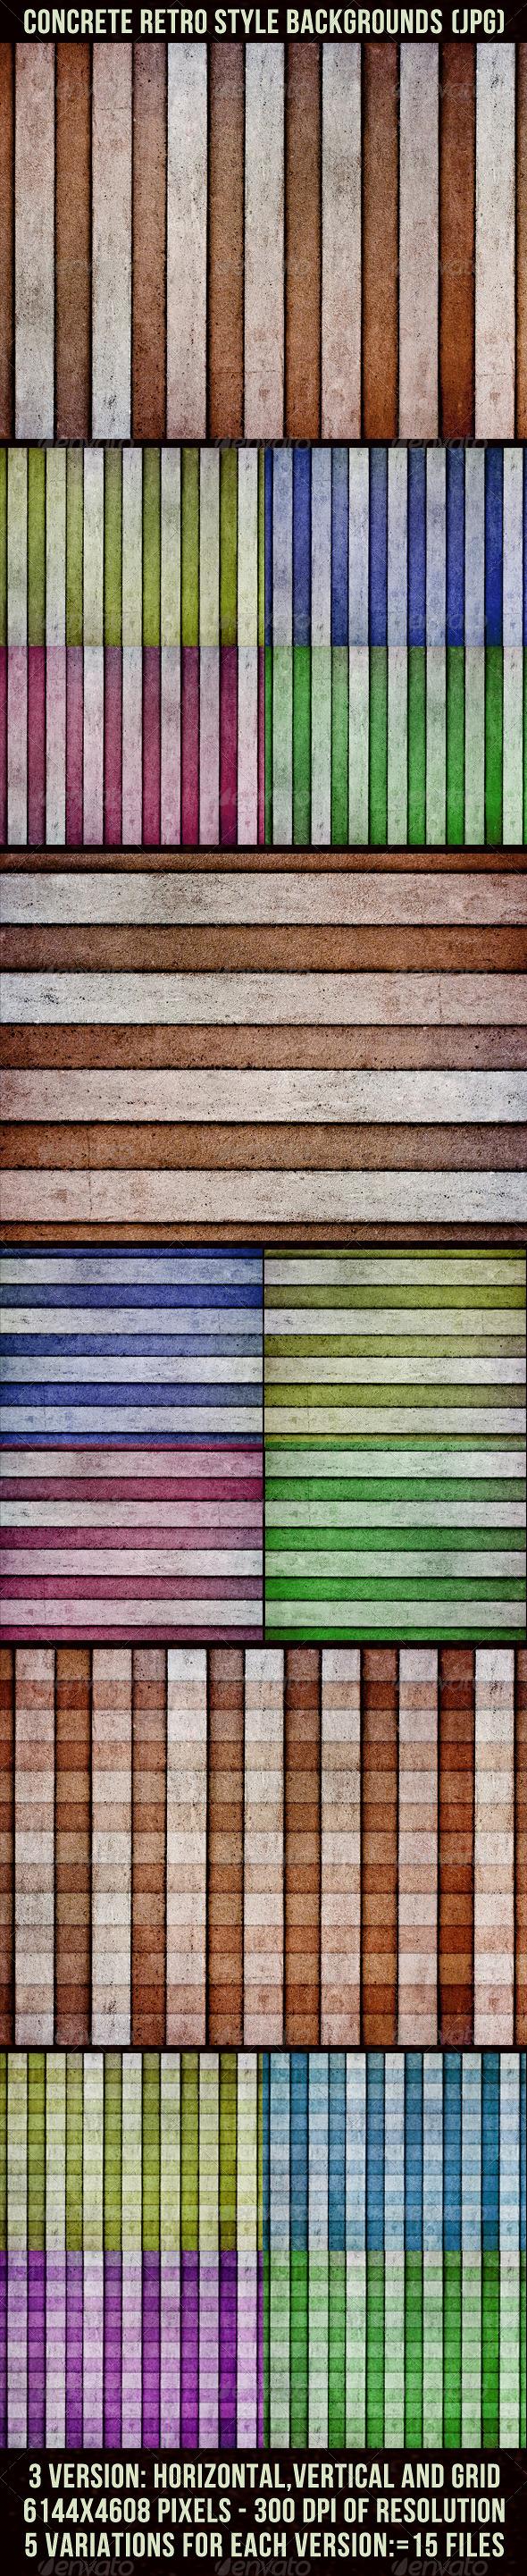 GraphicRiver Concrete Retro Backgrounds 4442694